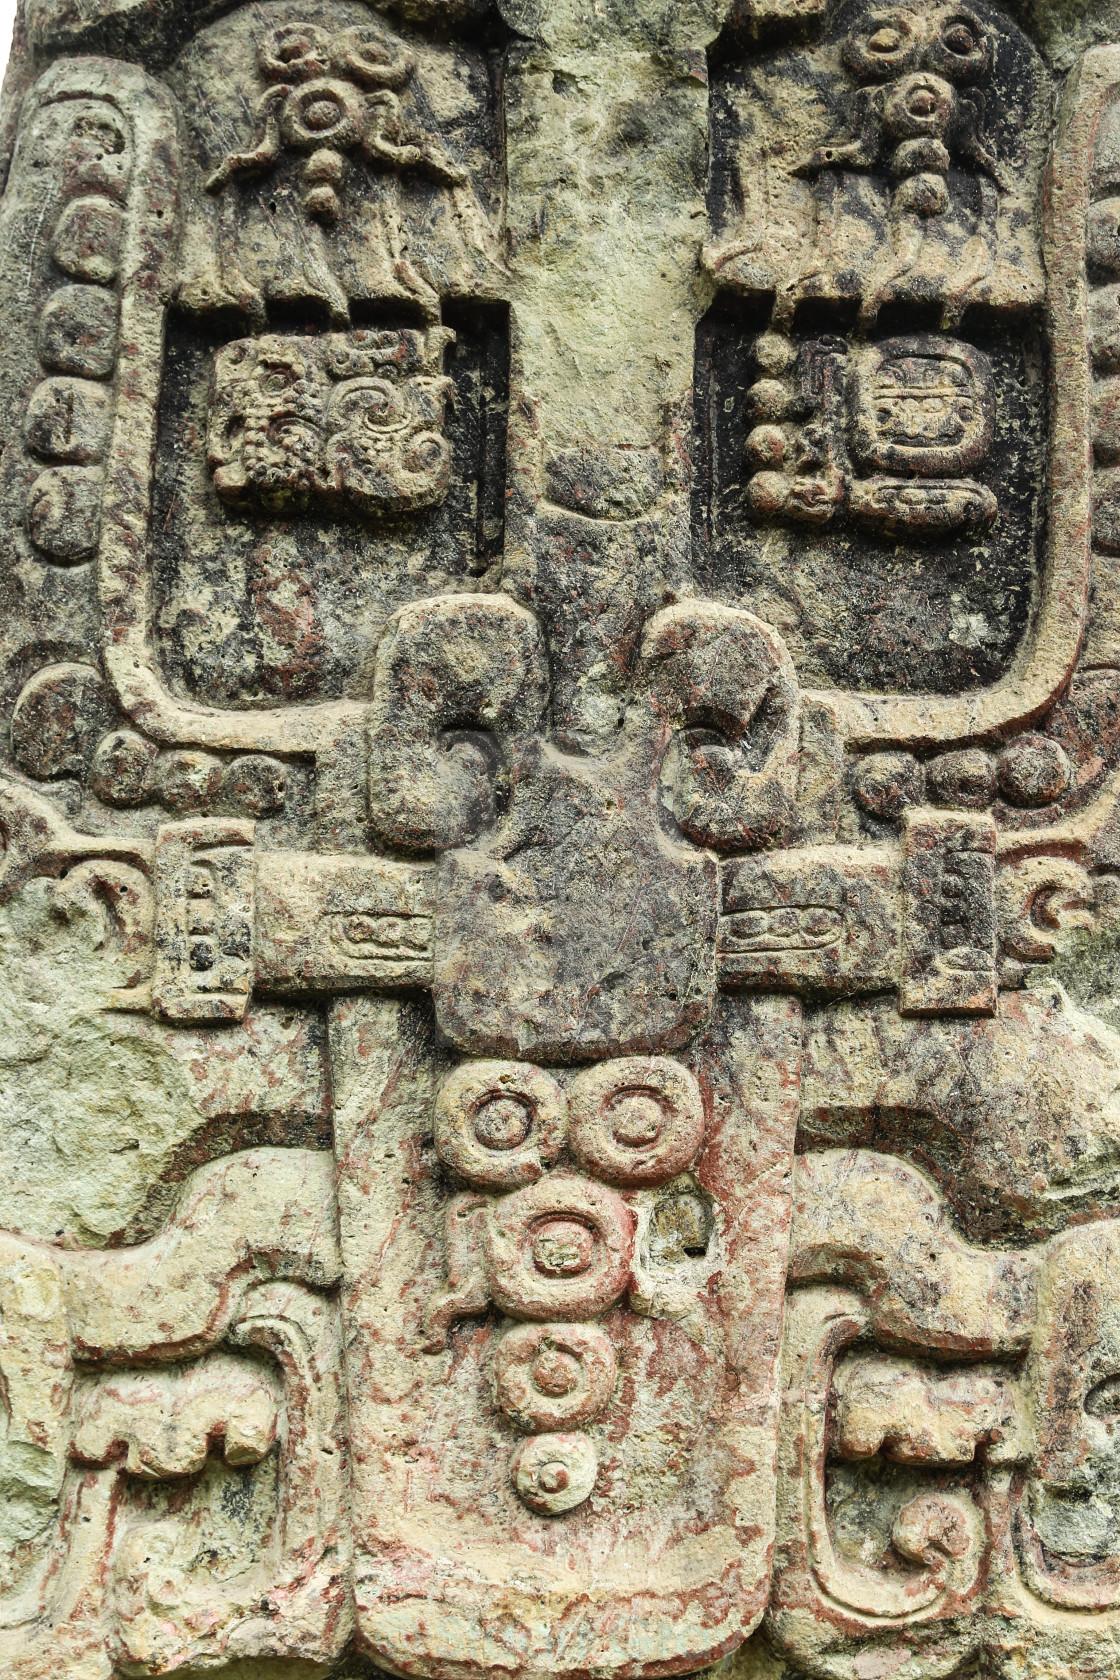 Ancient mayan stone carving copan ruins honduras